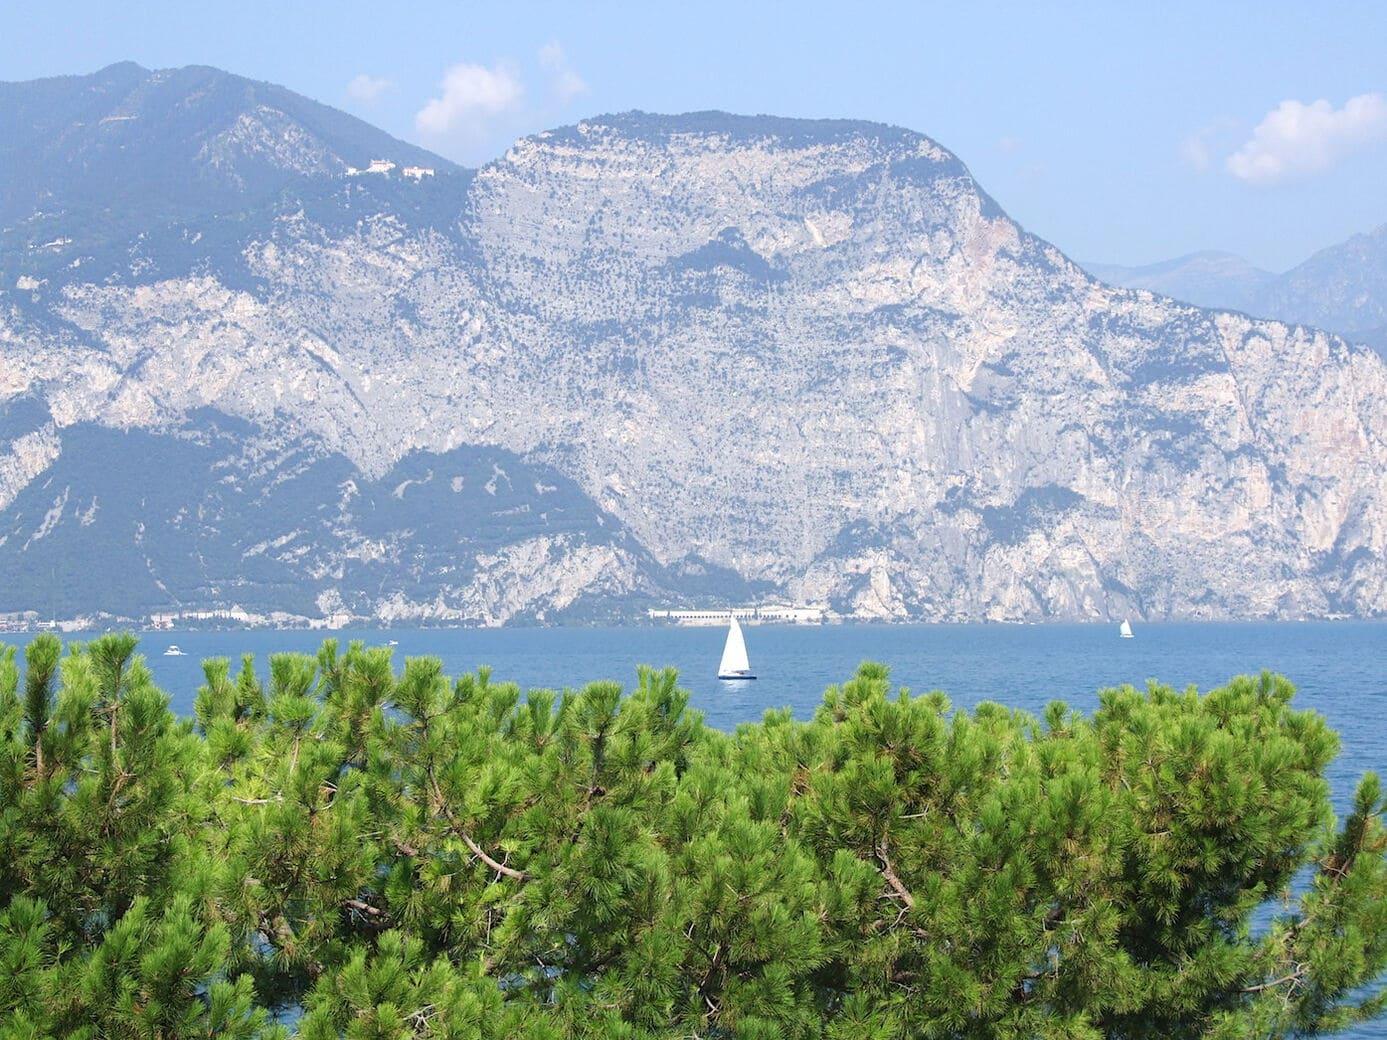 Superb scenery at Garda